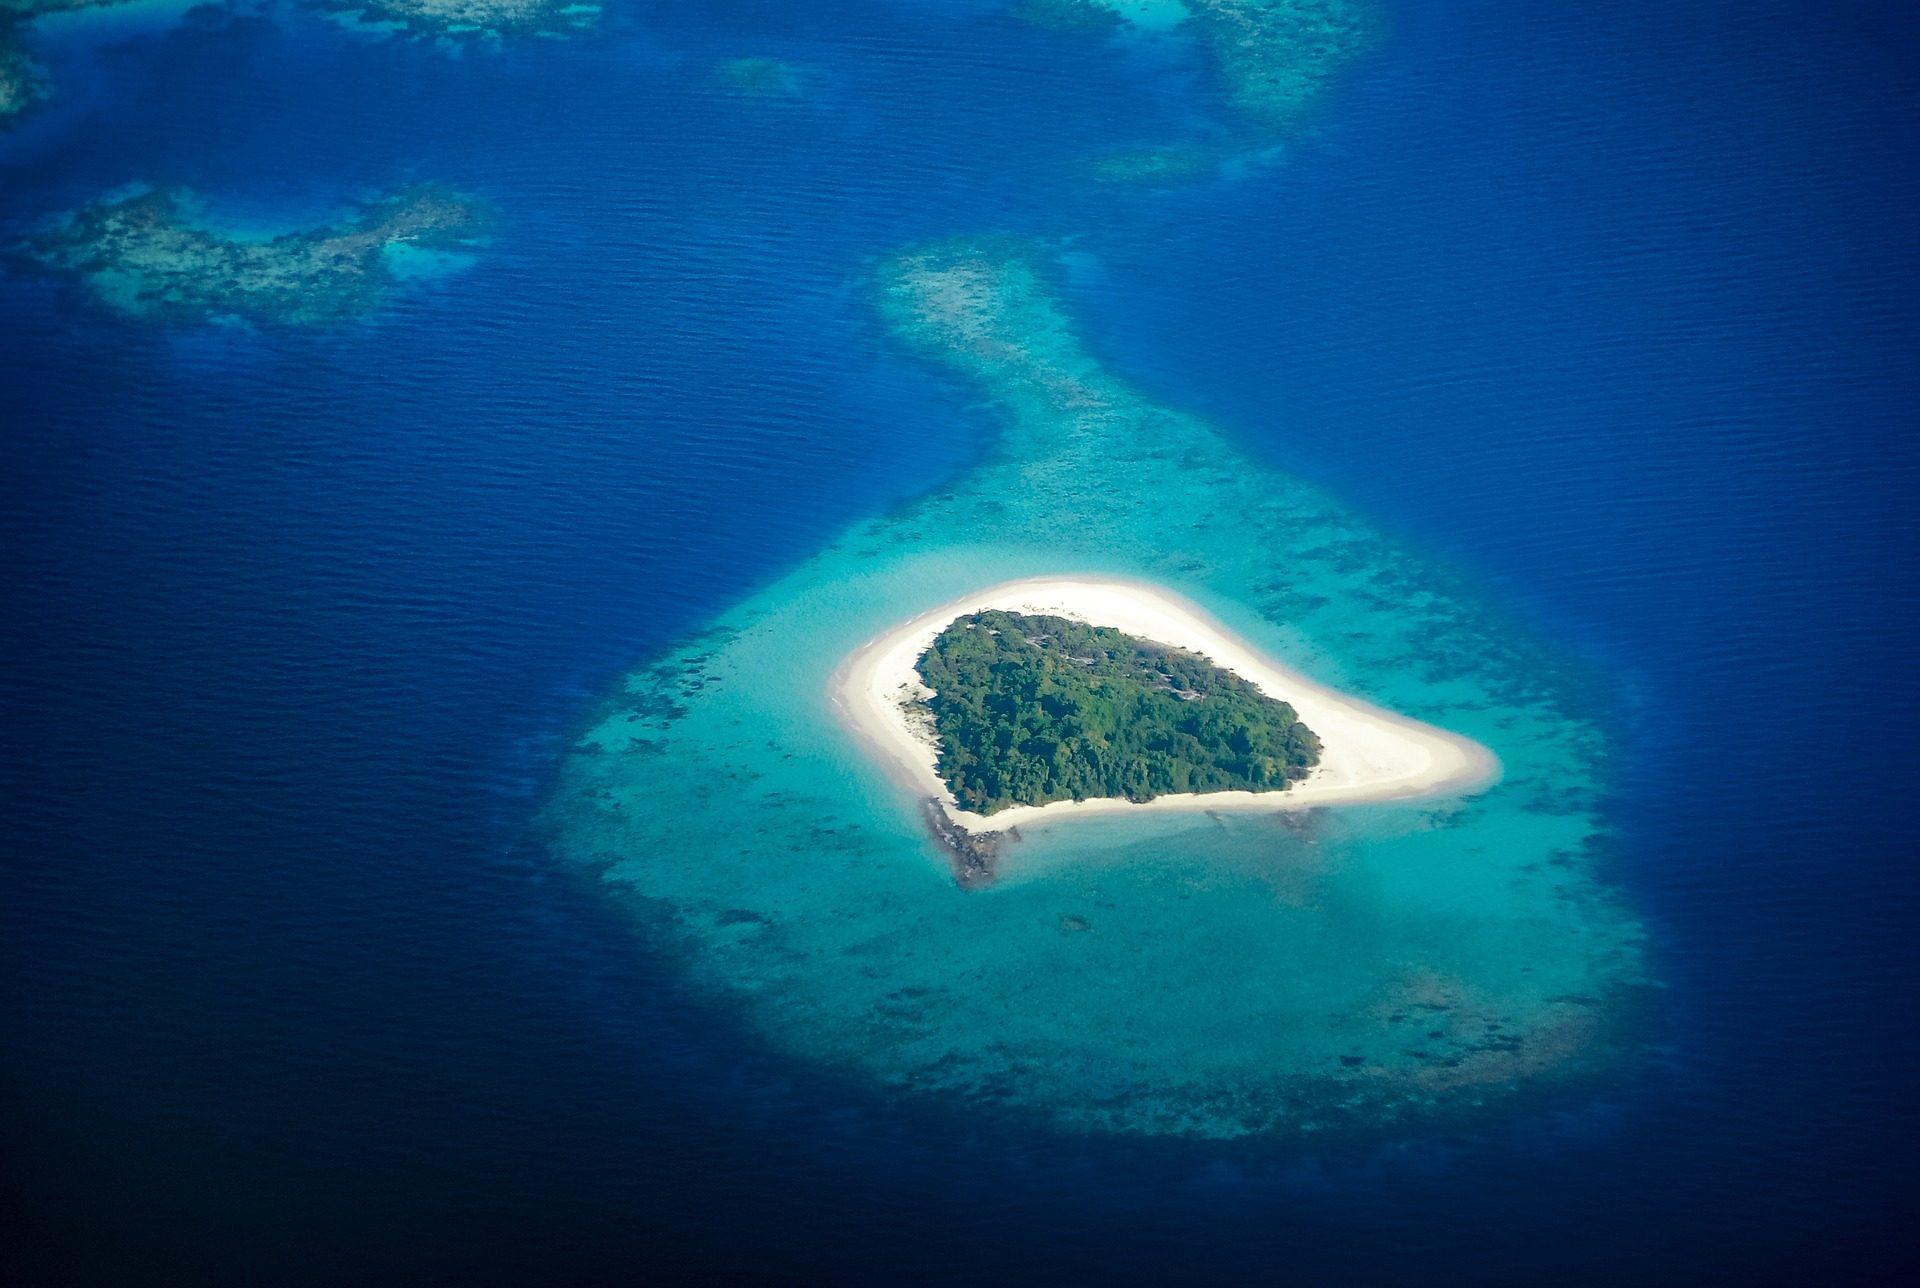 Νησί, Νησάκι, Αρχιπέλαγος, Θάλασσα, Ωκεανός, νερό - Wallpapers HD - Professor-falken.com